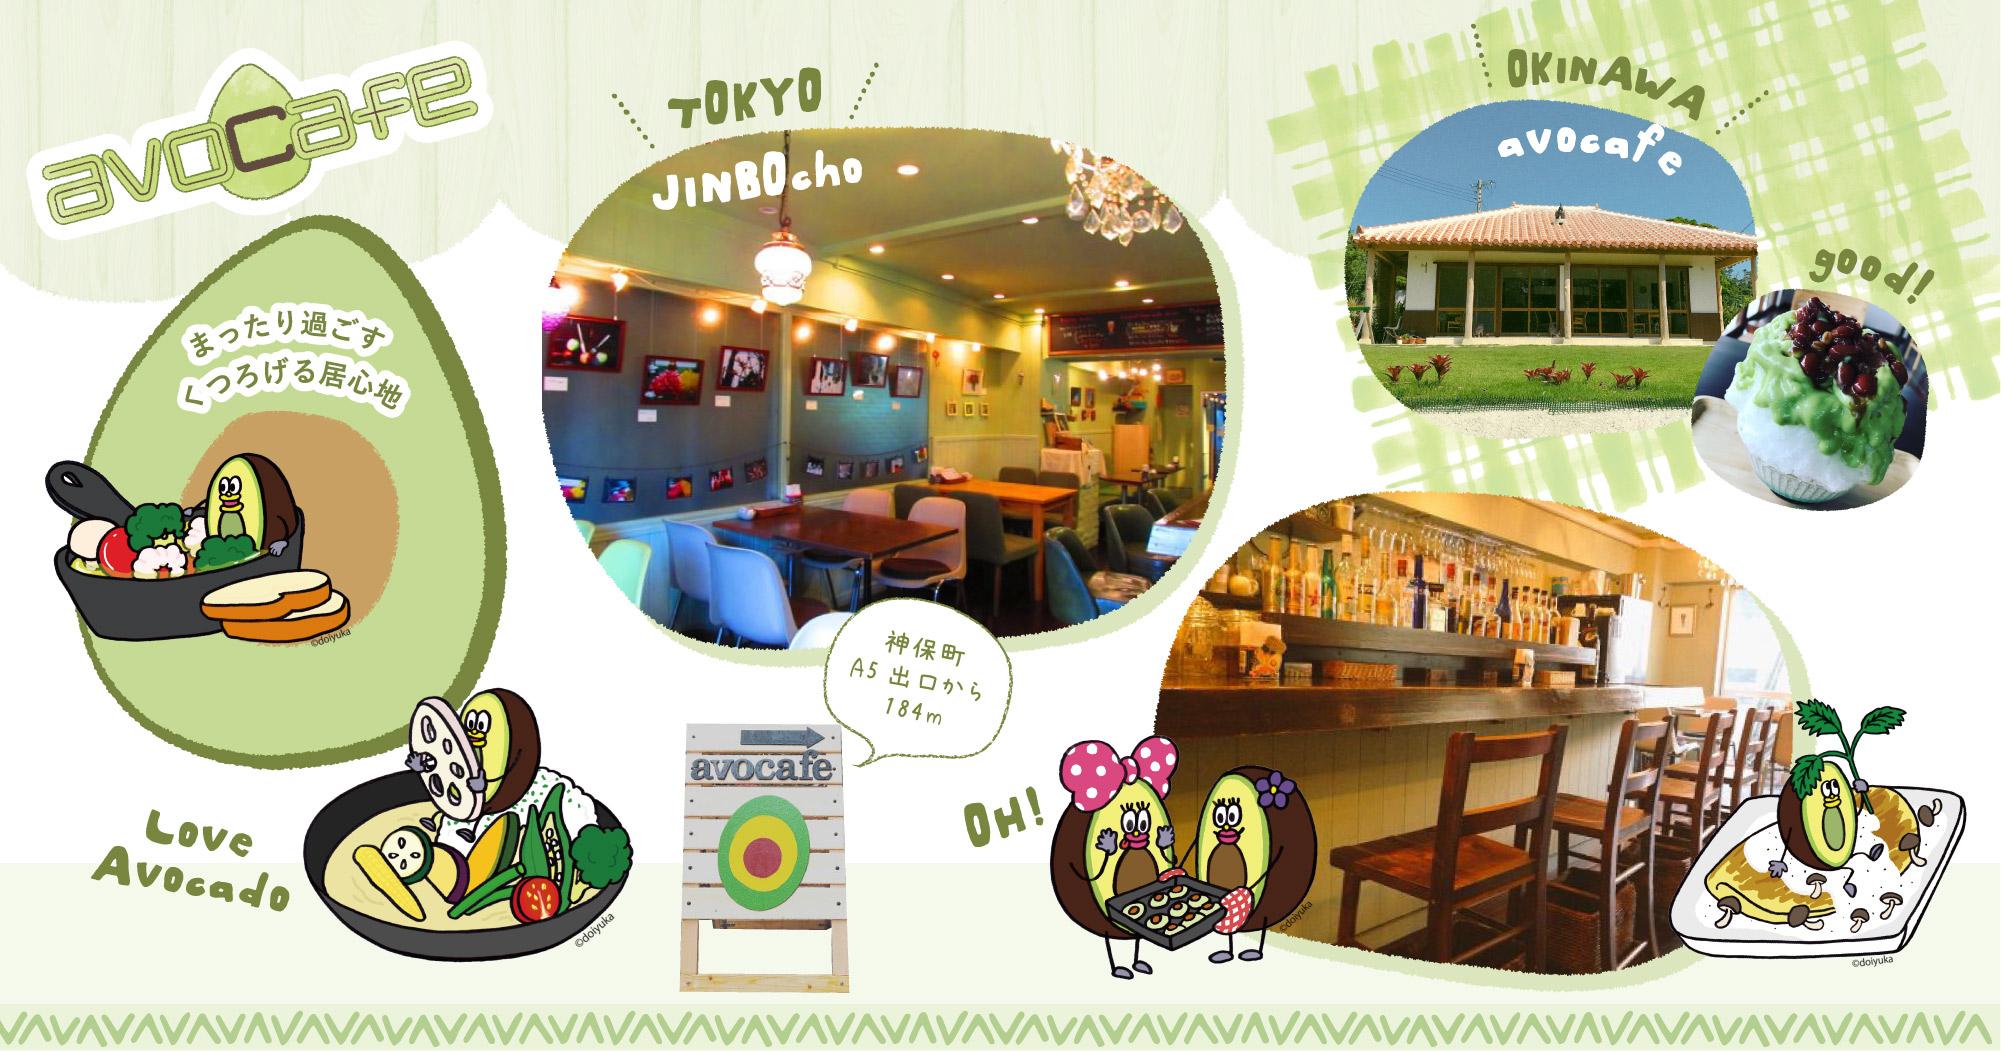 神保町 avocafe アボカフェ |  日本初のアボカド料理専門店